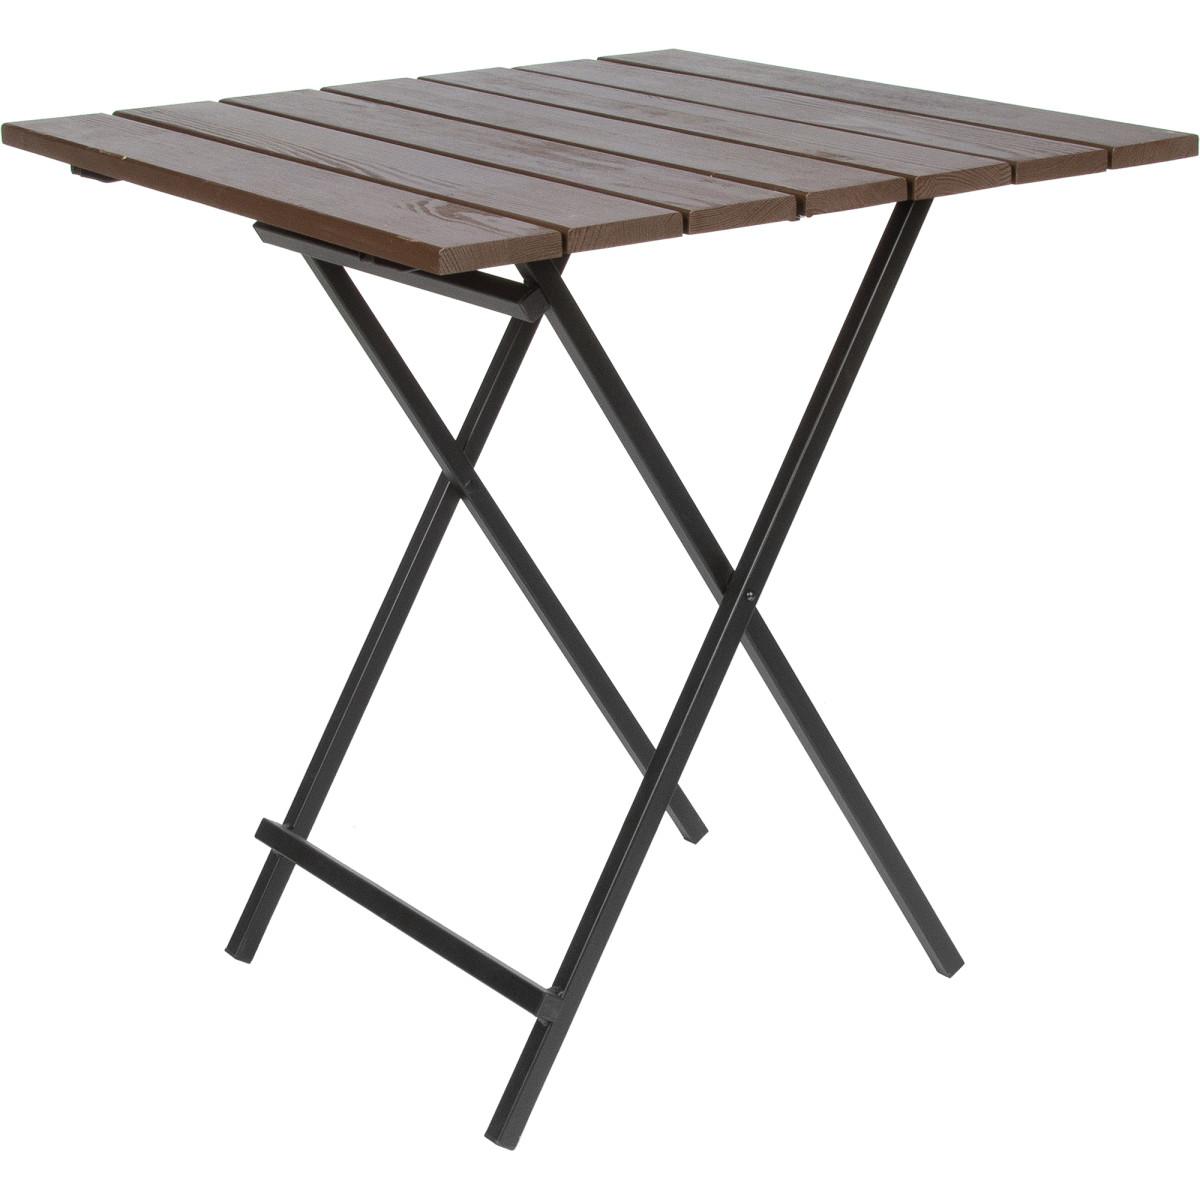 Стол садовый складной Ego 166-8 70х70х74.5 см массив сосны/сталь